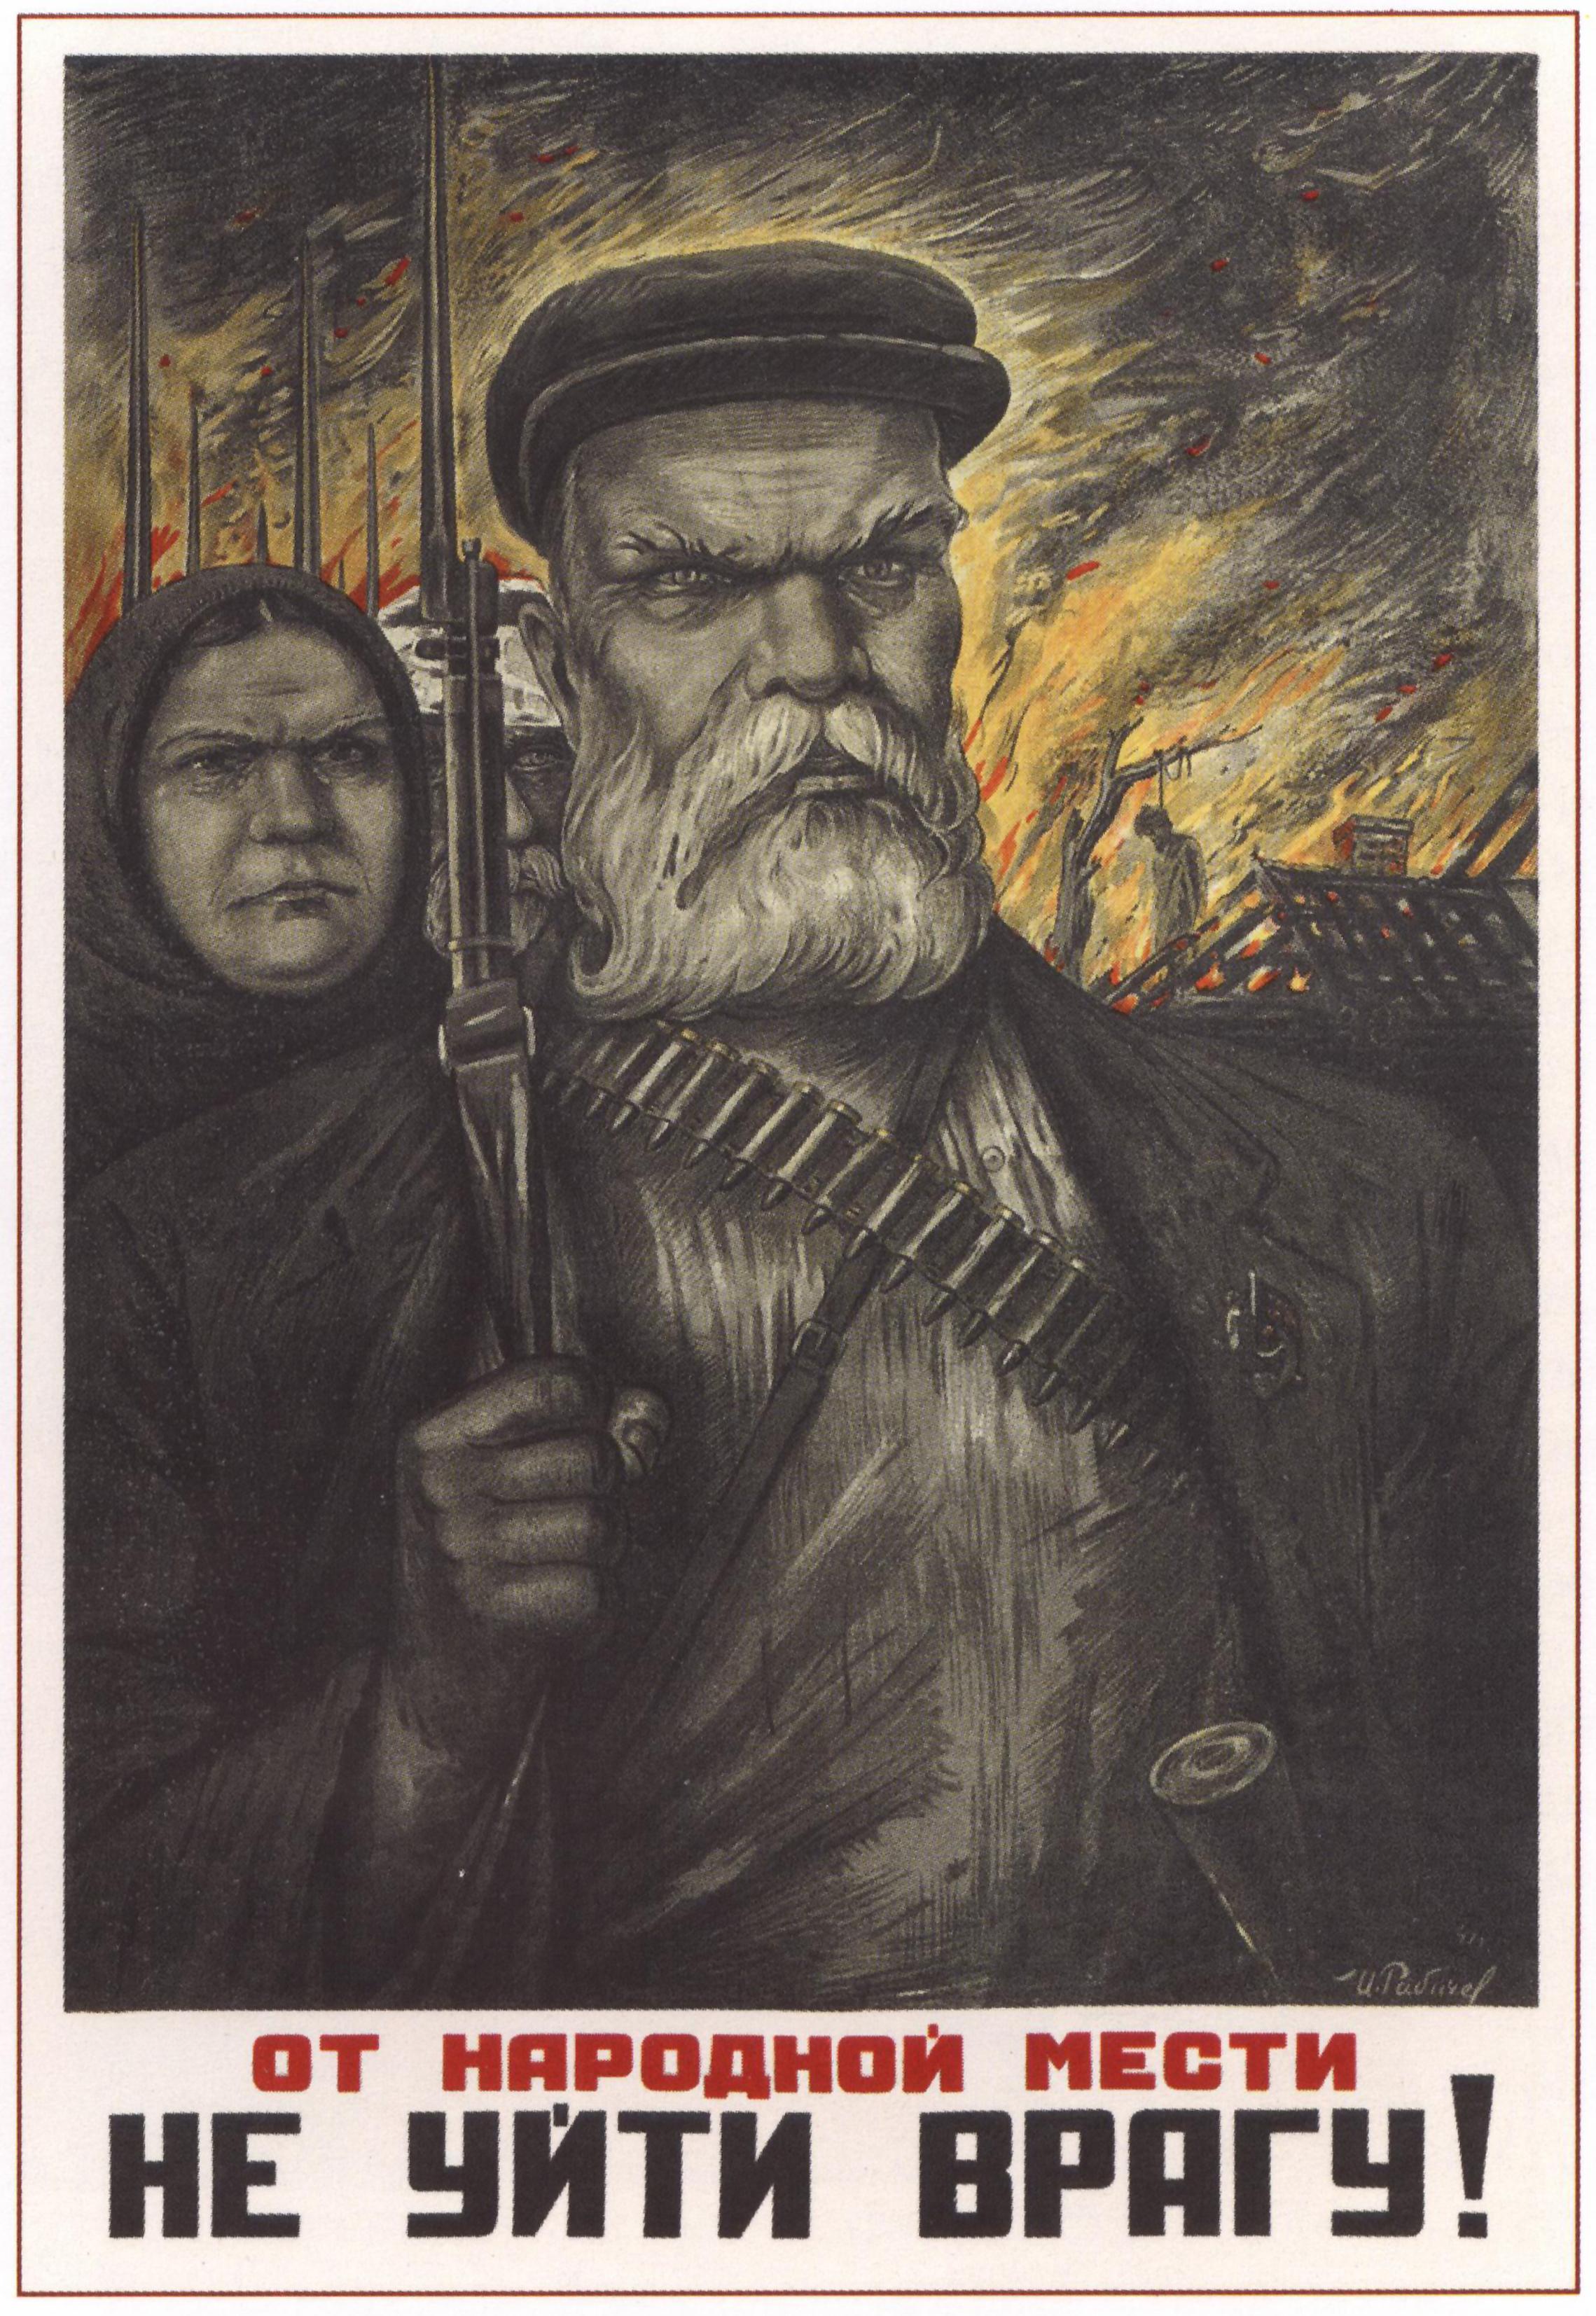 """советский плакат """"От народной мести не уйти врагу!"""""""